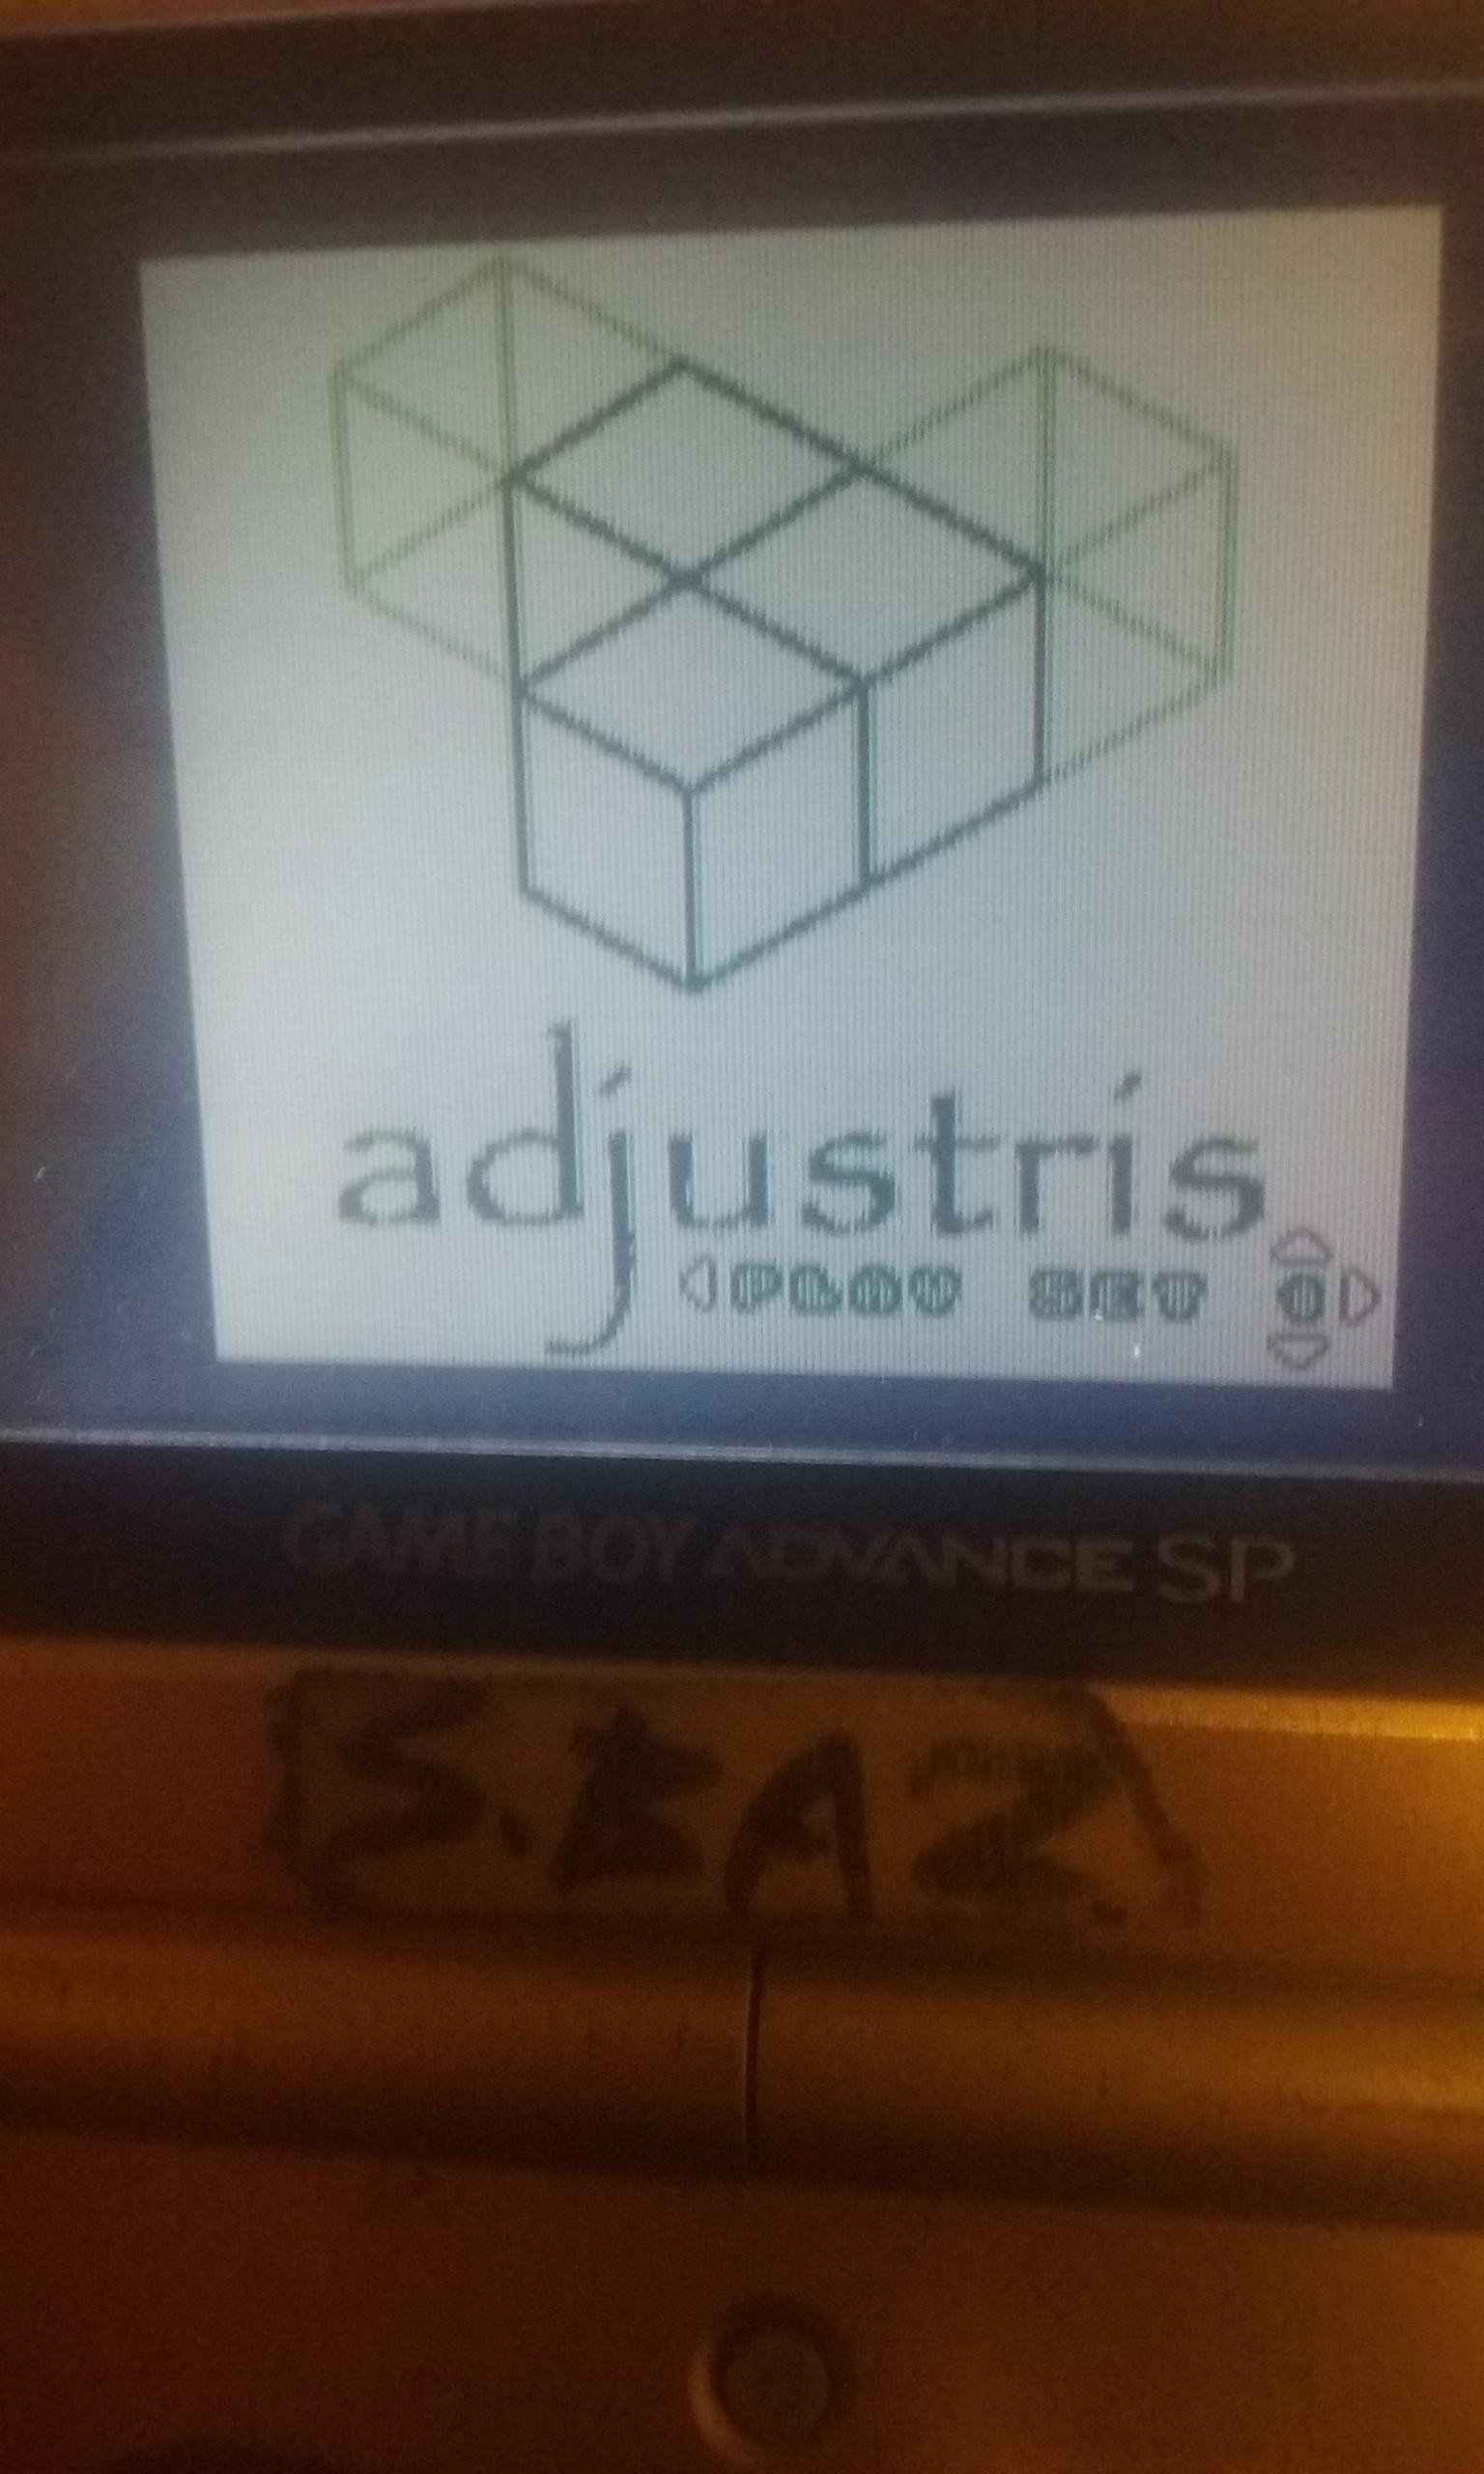 Adjustris 51,384 points